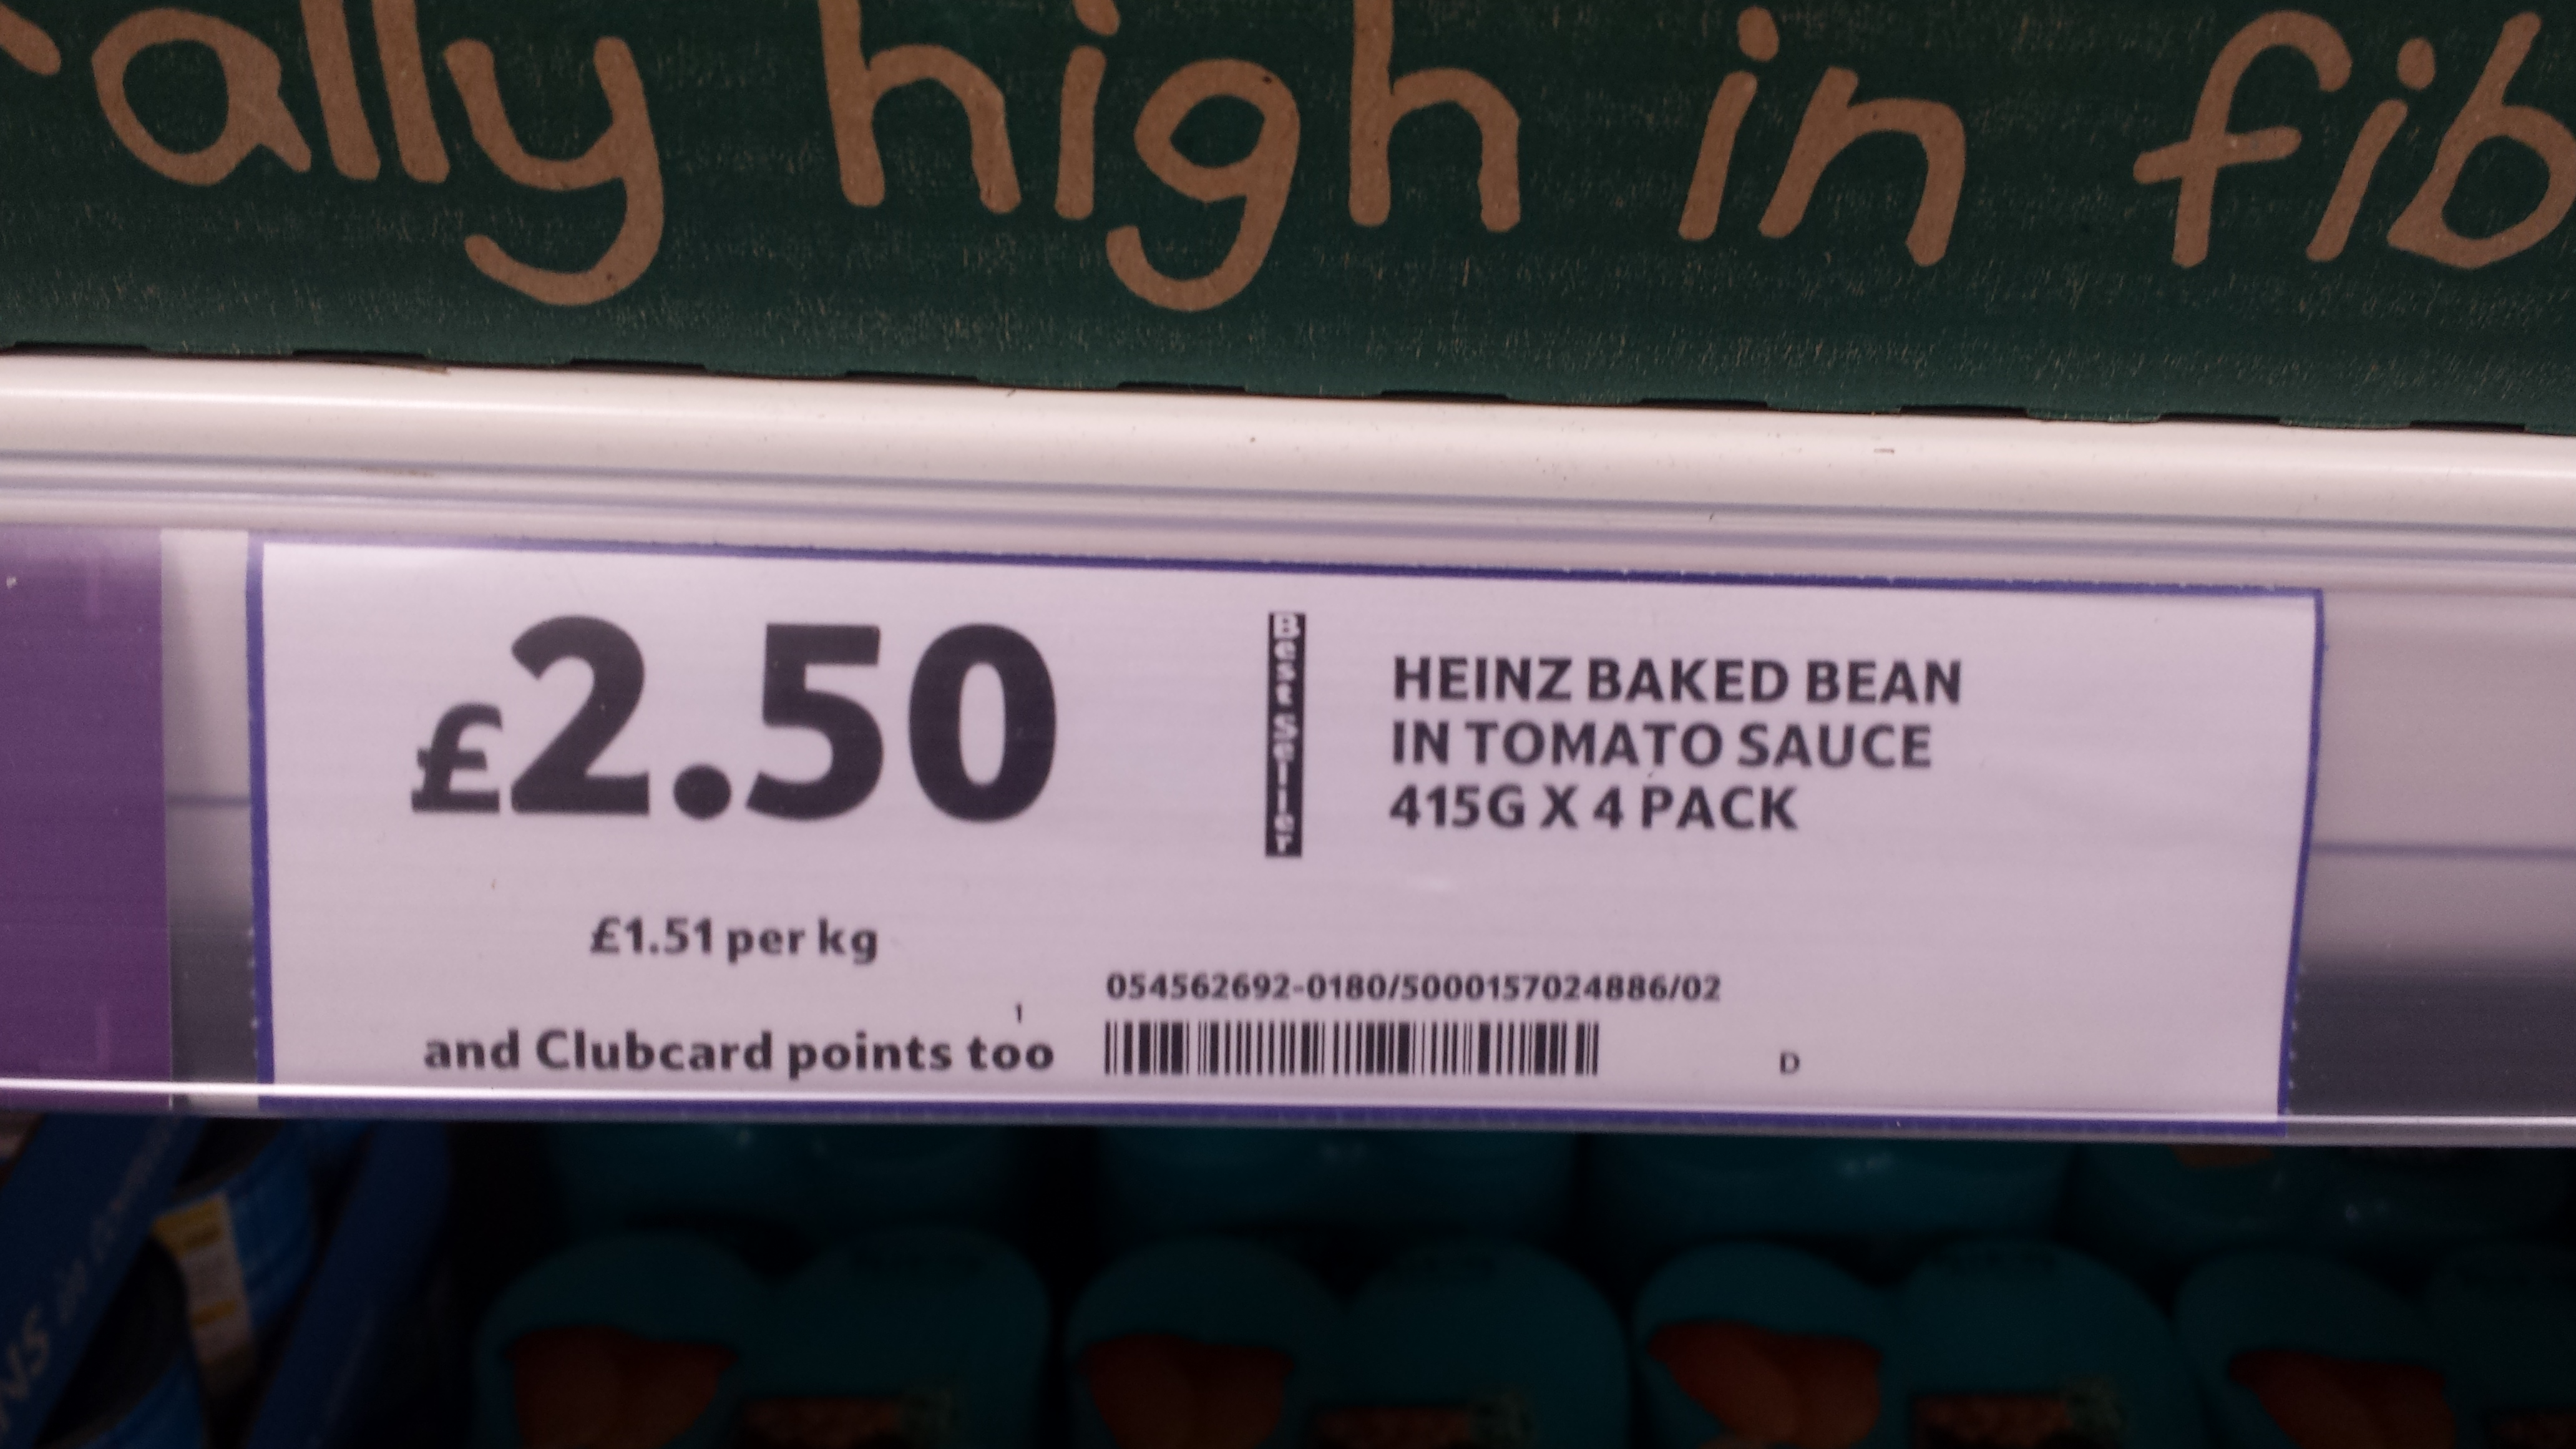 Heinz baked beans 4 pack at Tesco